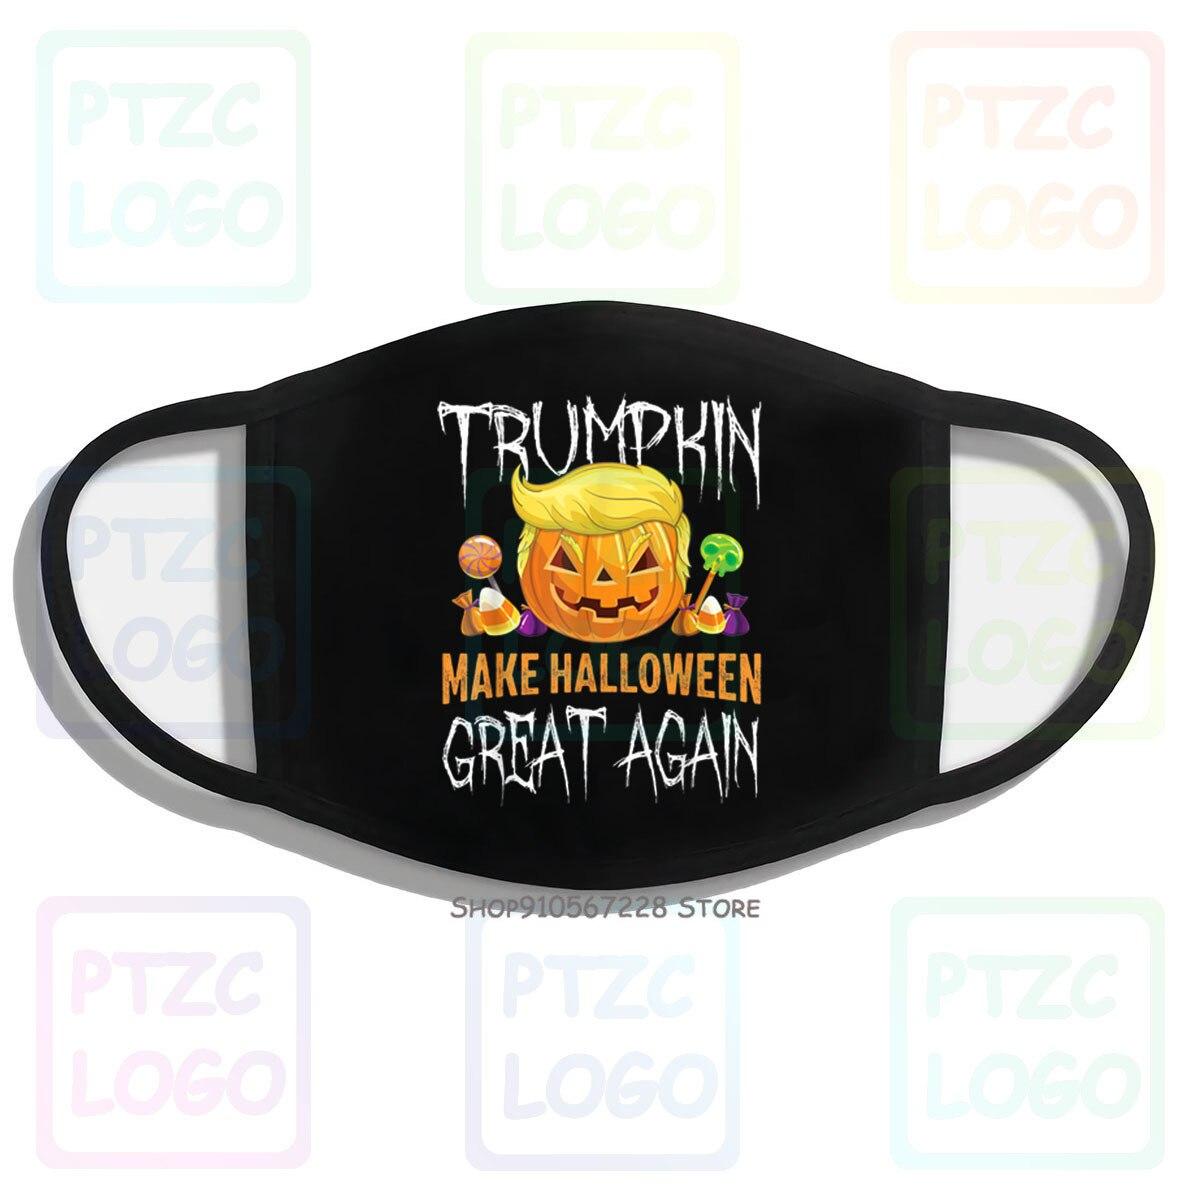 Trumpkin oficial fazer halloween ótimo novamente trump cabelo abóbora boca máscara facial